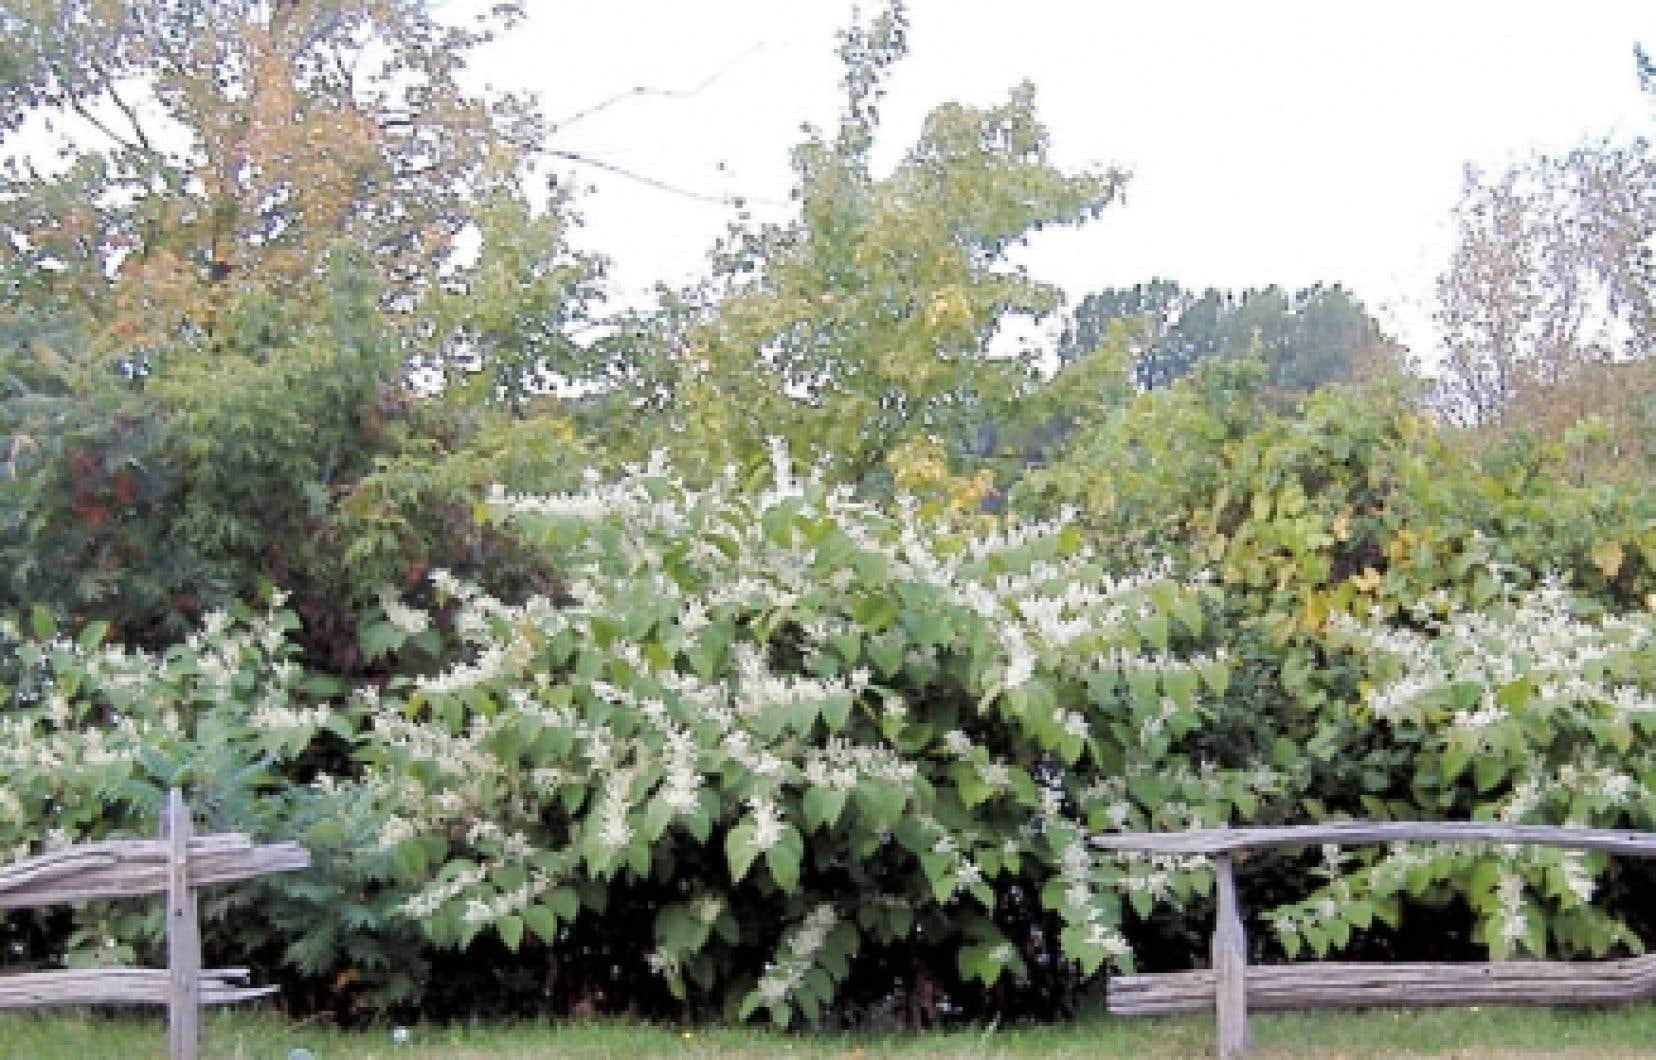 La renou&eacute;e japonaise est l&rsquo;une des plantes invasives les plus pr&eacute;occupantes et il est pratiquement impossible de l&rsquo;&eacute;liminer.<br />